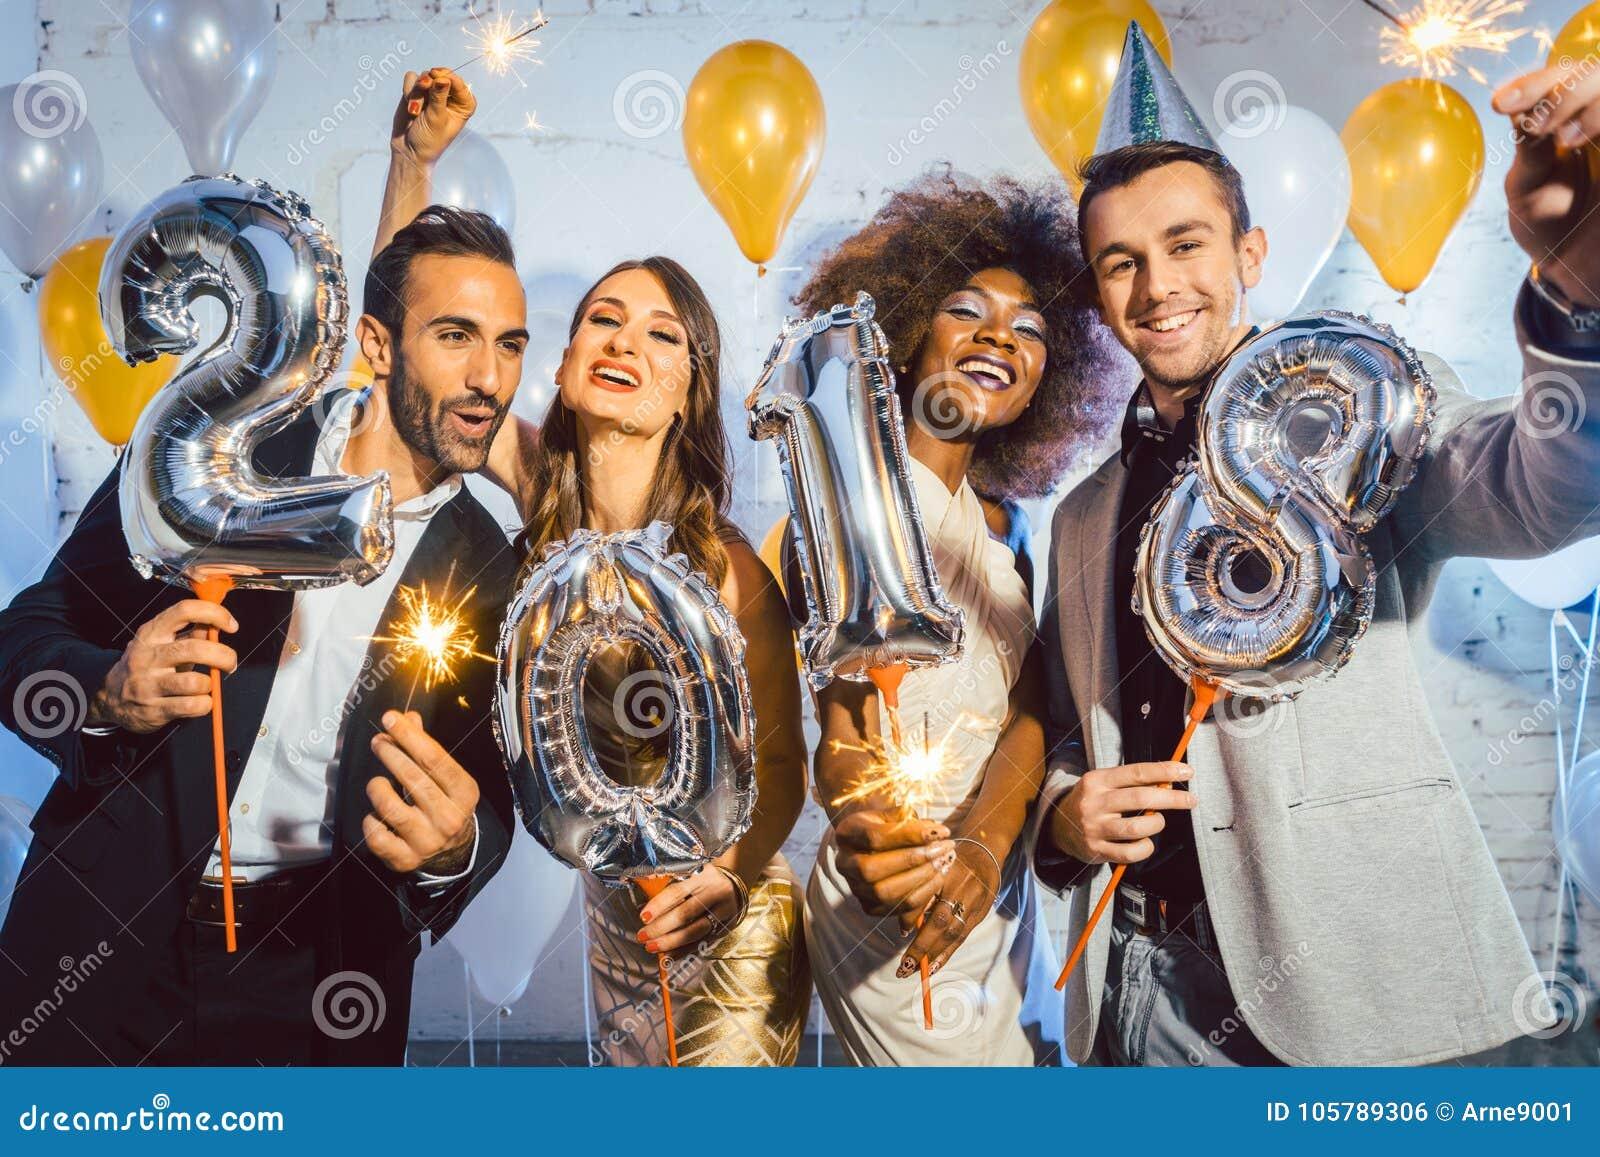 Γυναίκες και άνδρες ανθρώπων κόμματος που γιορτάζουν τη νέα παραμονή 2018 ετών